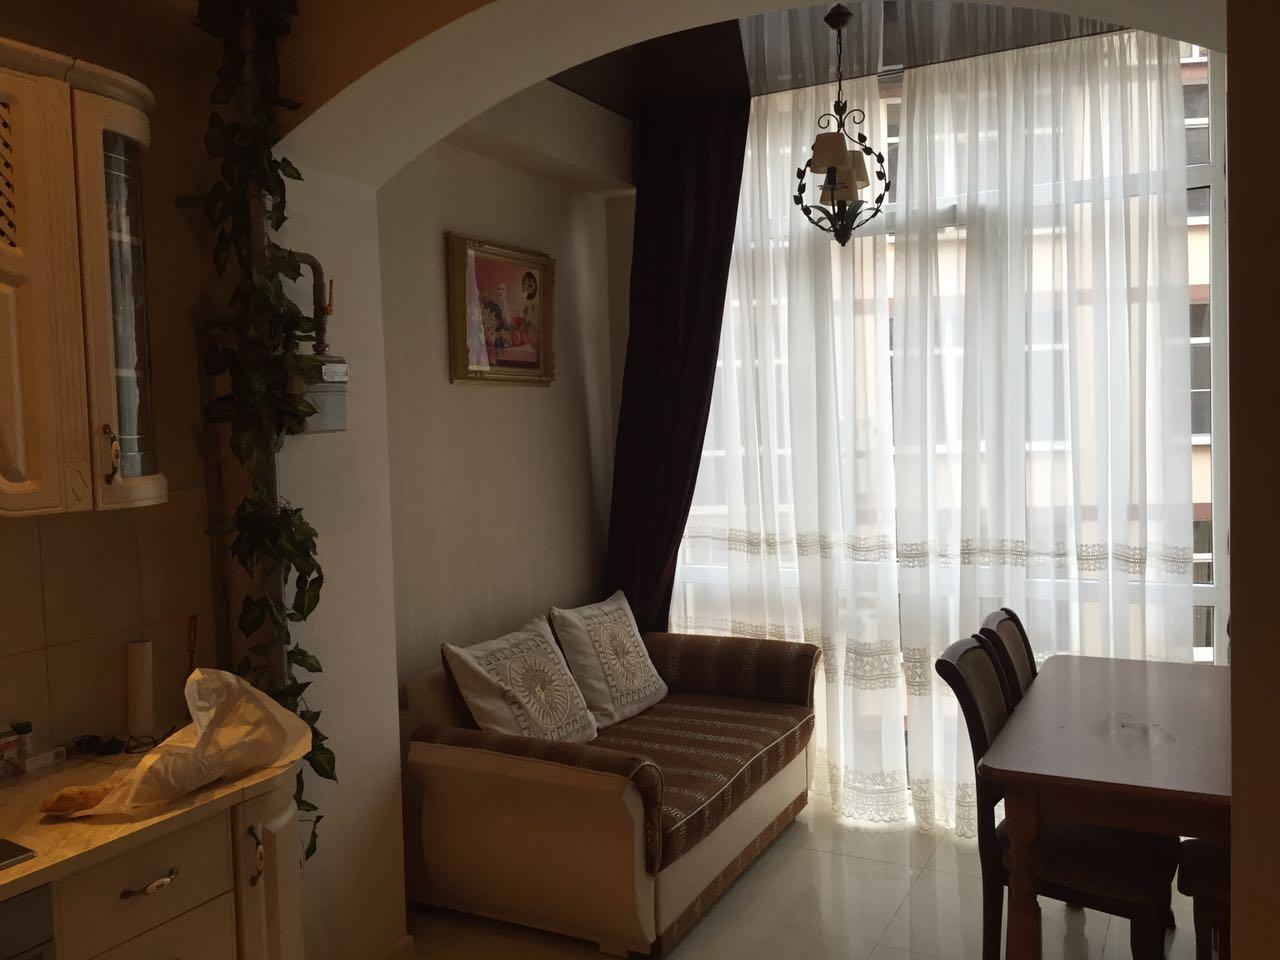 Продажа 3-х комнатной квартиры по ул. Тепличной, д. 16 (76,2 м²)